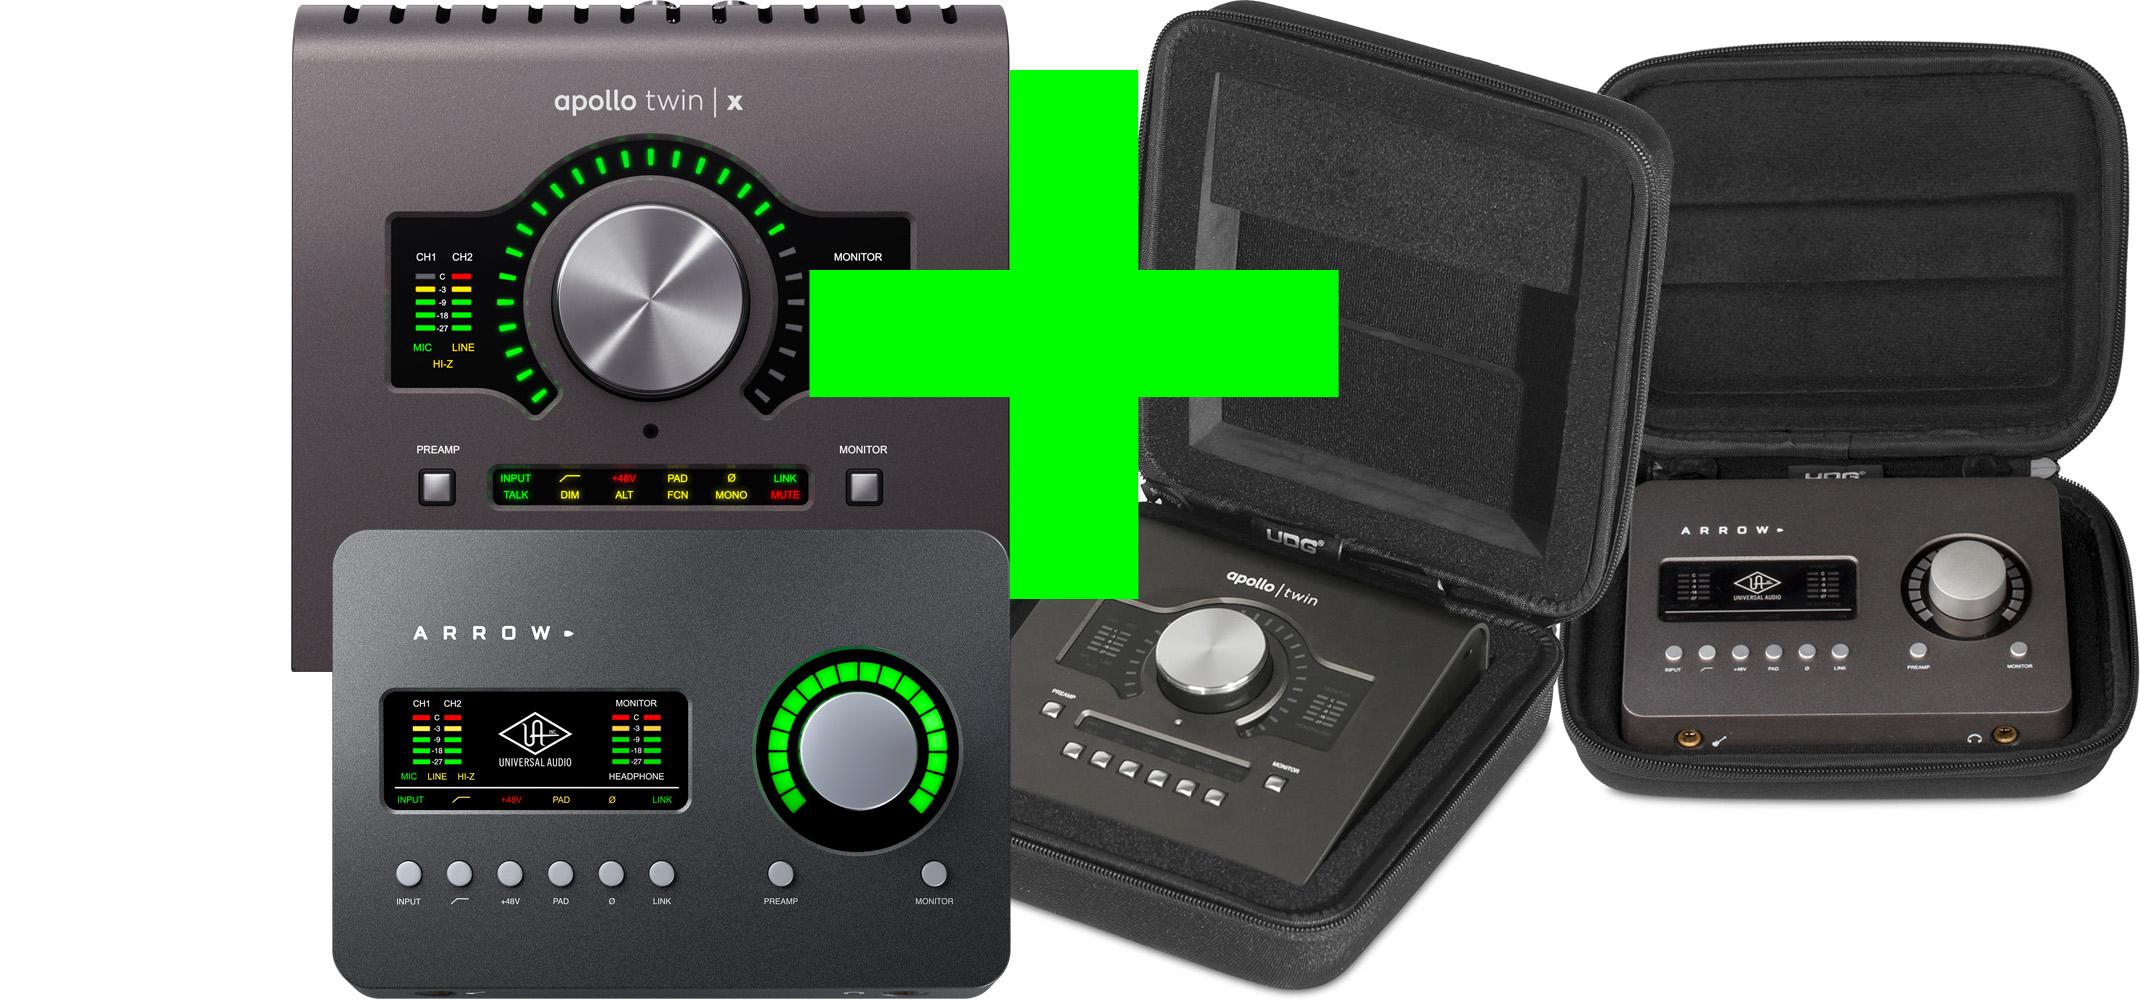 Universal Audio kampanj – Köp Twin eller Arrow och få UDG case utan extra kostnad